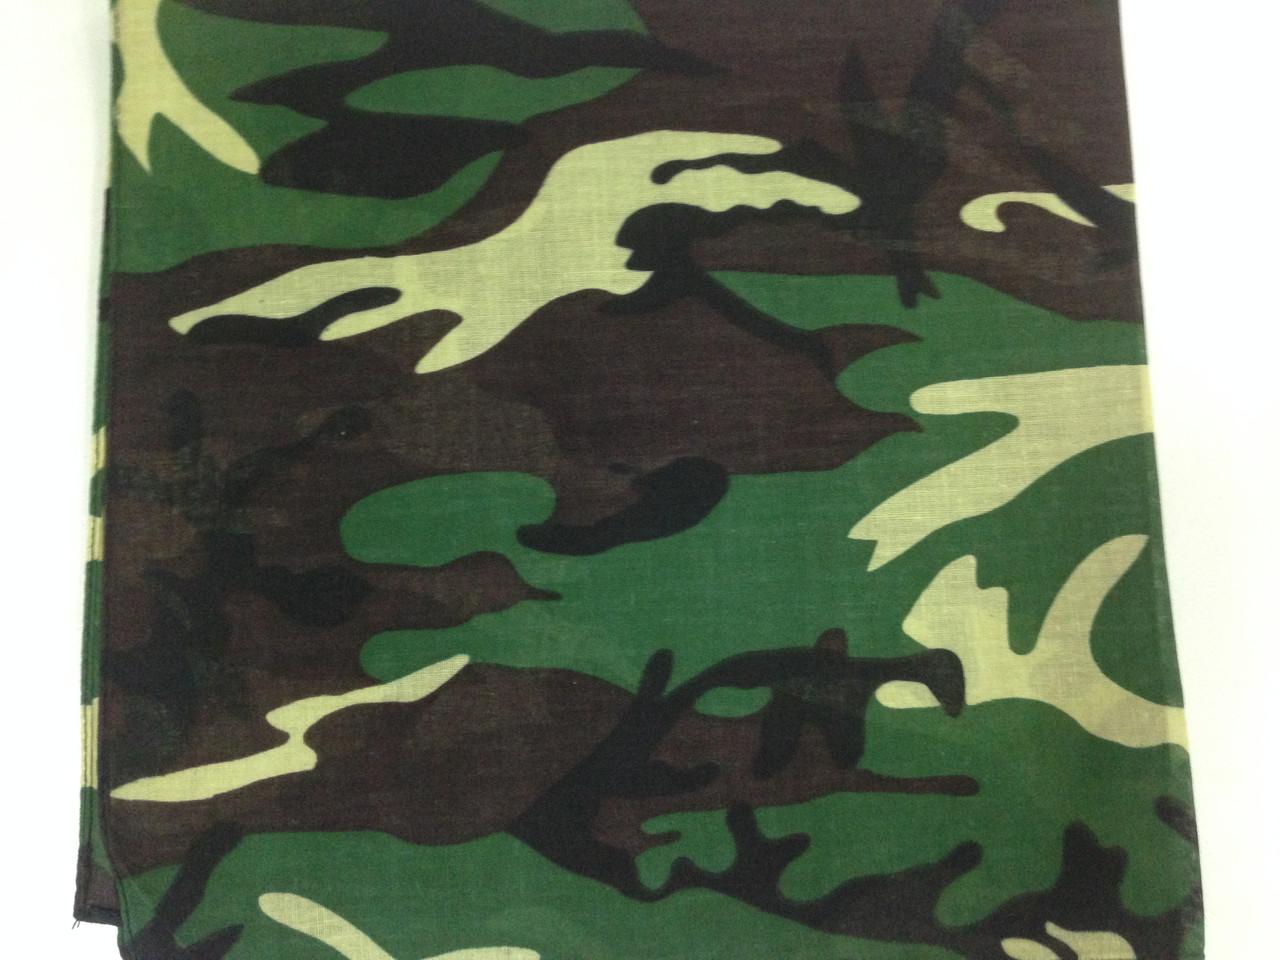 Летняя хлопковая бандана платок с рисунком камуфляж зелёный